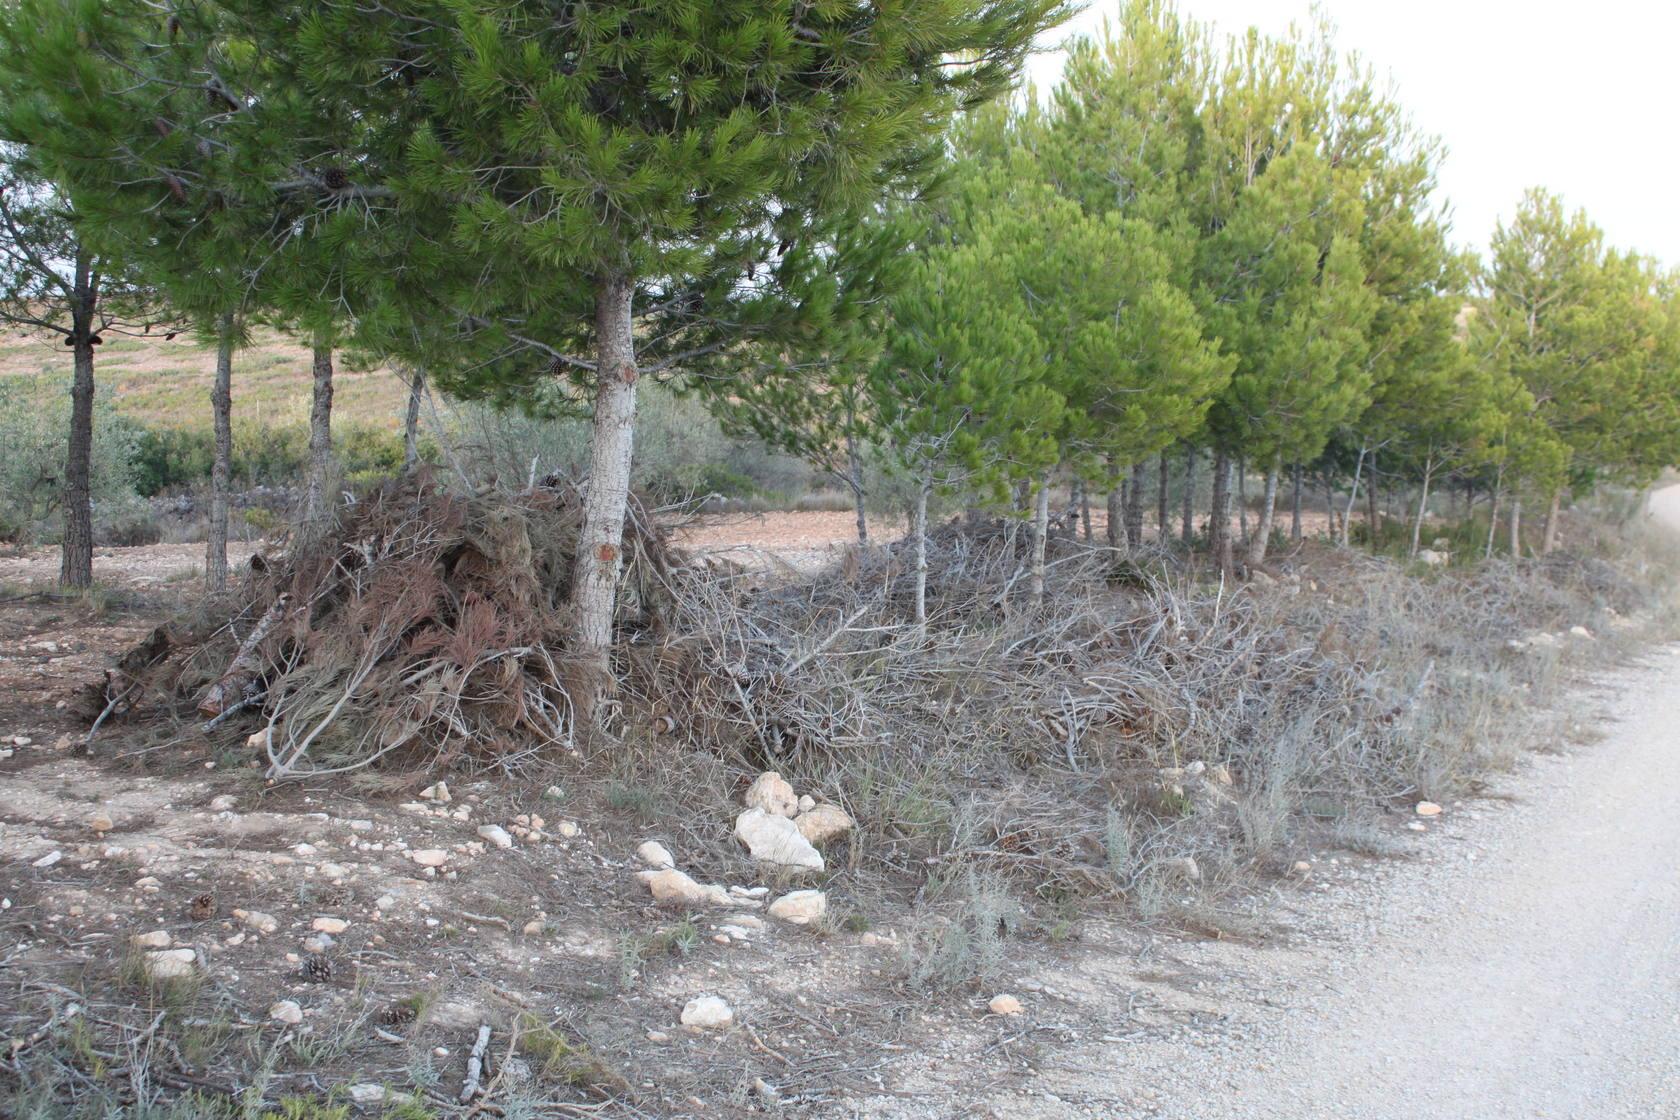 Restos de poda abandonados convierten el monte valenciano en un polvorín